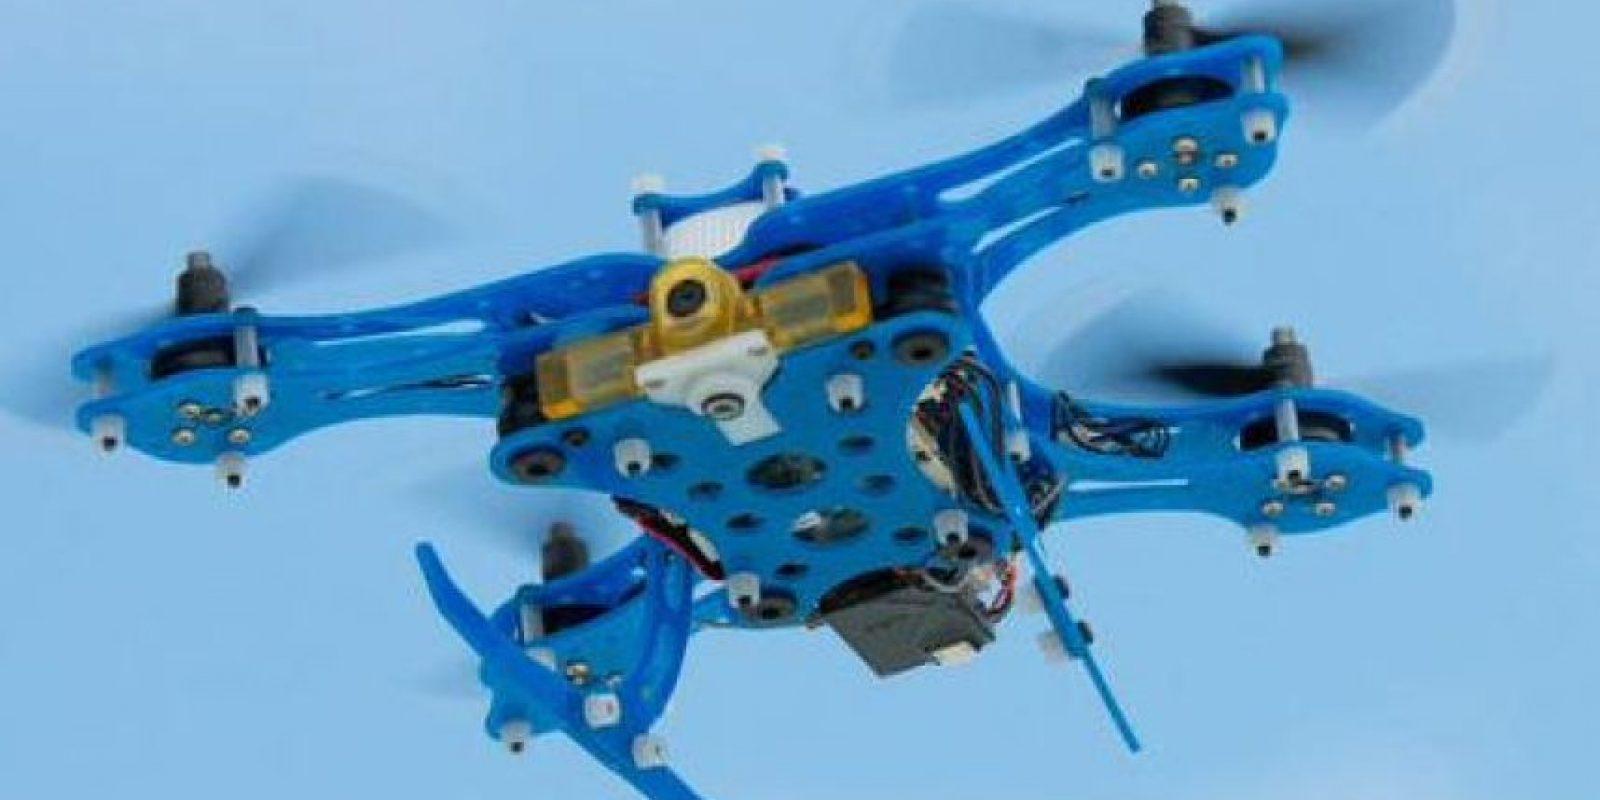 """El drone más inteligente. Qualcomm planea gobernar los cielos con su llamado """"Ferrari"""" de los drones. La nueva plataforma de vuelo Snapdragon es un drone que viene con vuelo autónomo, planificación de movimiento, y cartografía de obstáculos gracias a su procesador Snapdragon 801."""